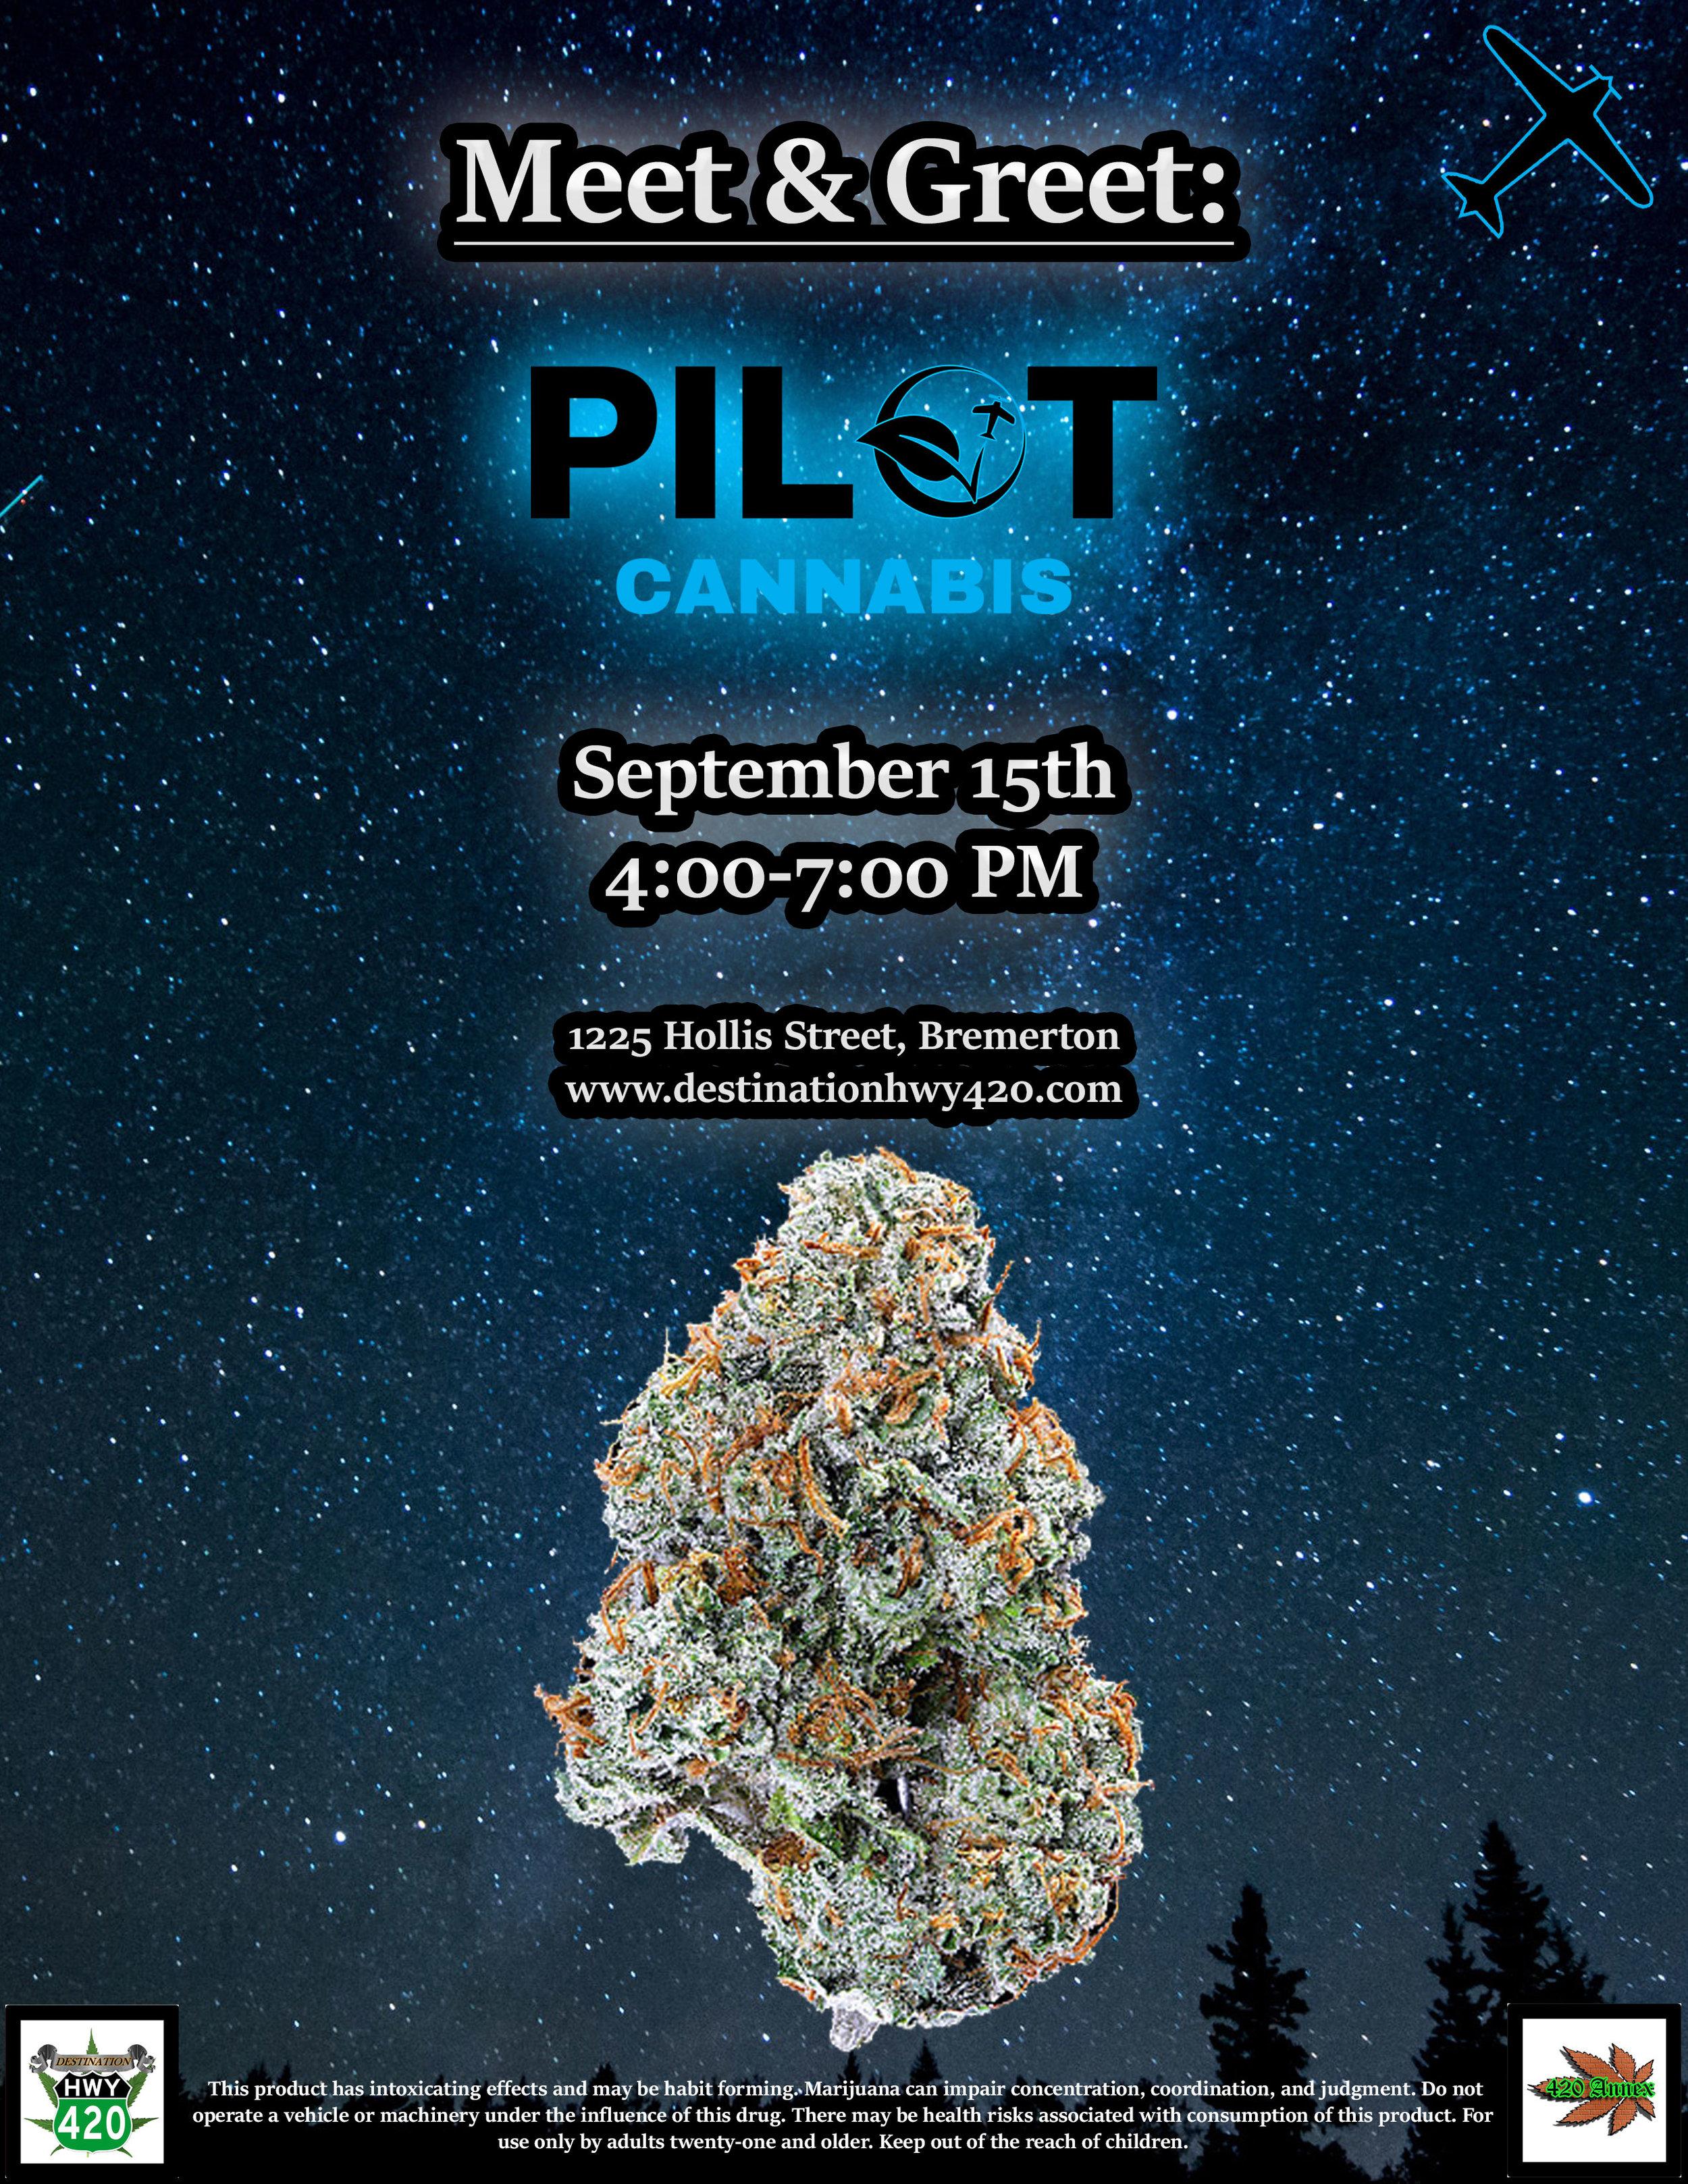 Pilot-Meet-&-Greet-091518.jpg